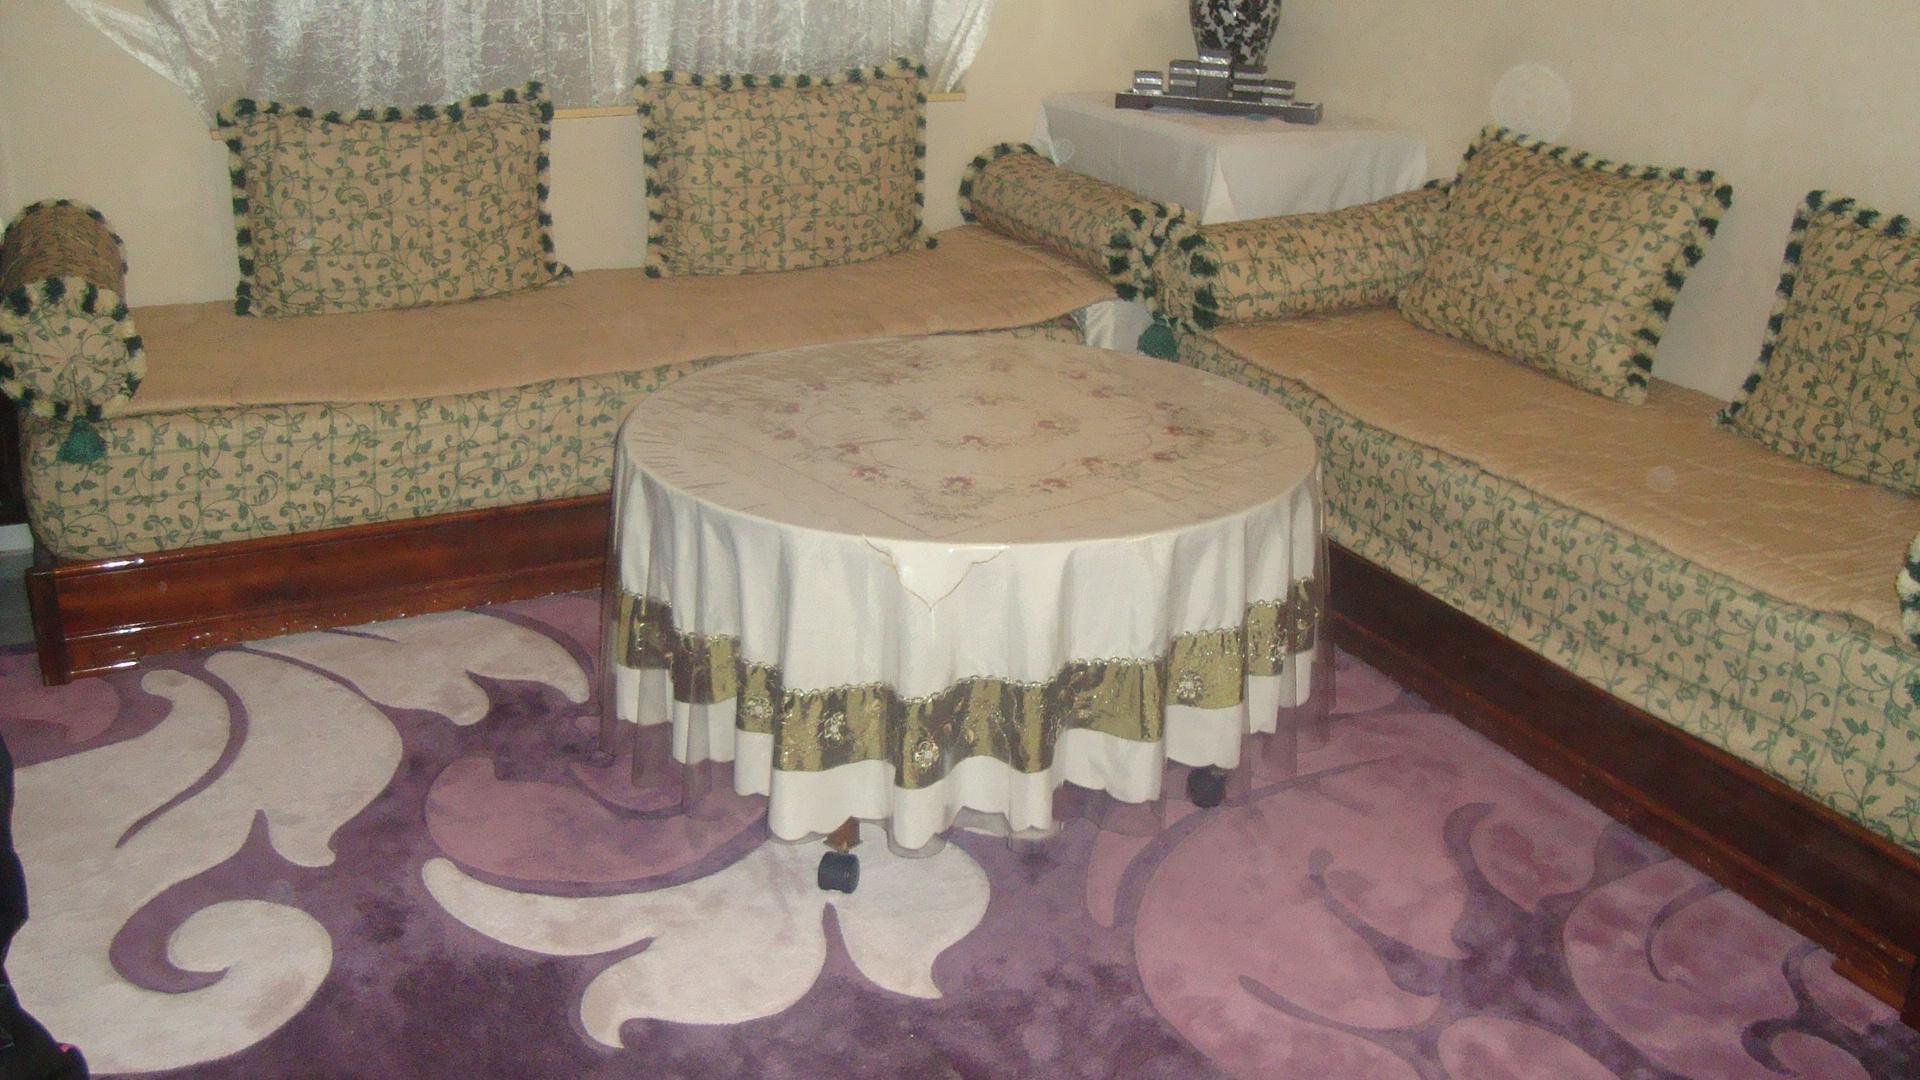 Vend Salon marocain prix 800€ Poissy France